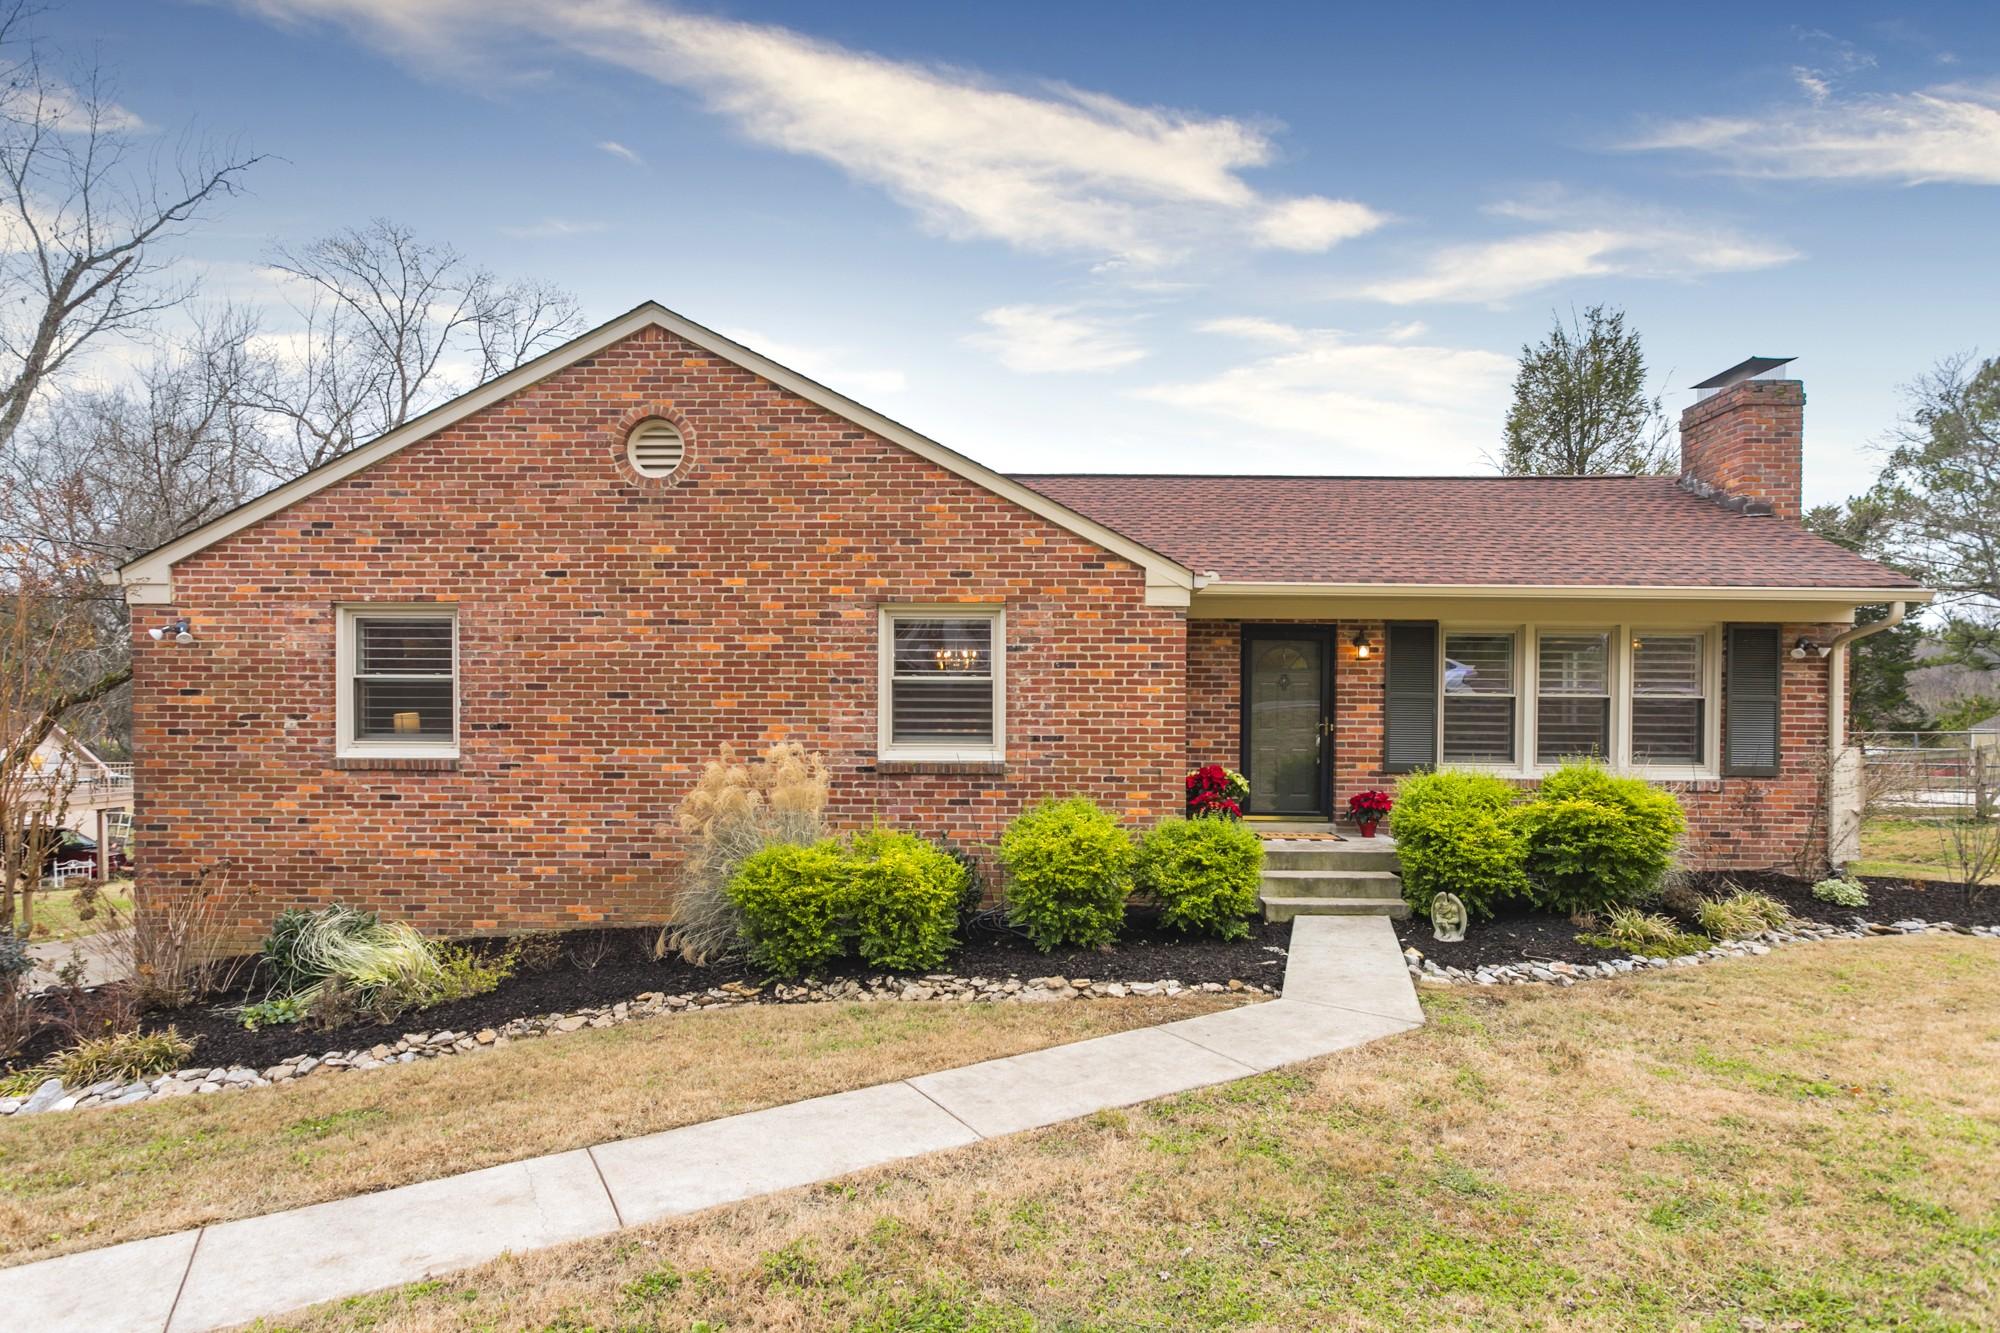 5041 Briarwood Dr, Nashville, TN 37211 - Nashville, TN real estate listing